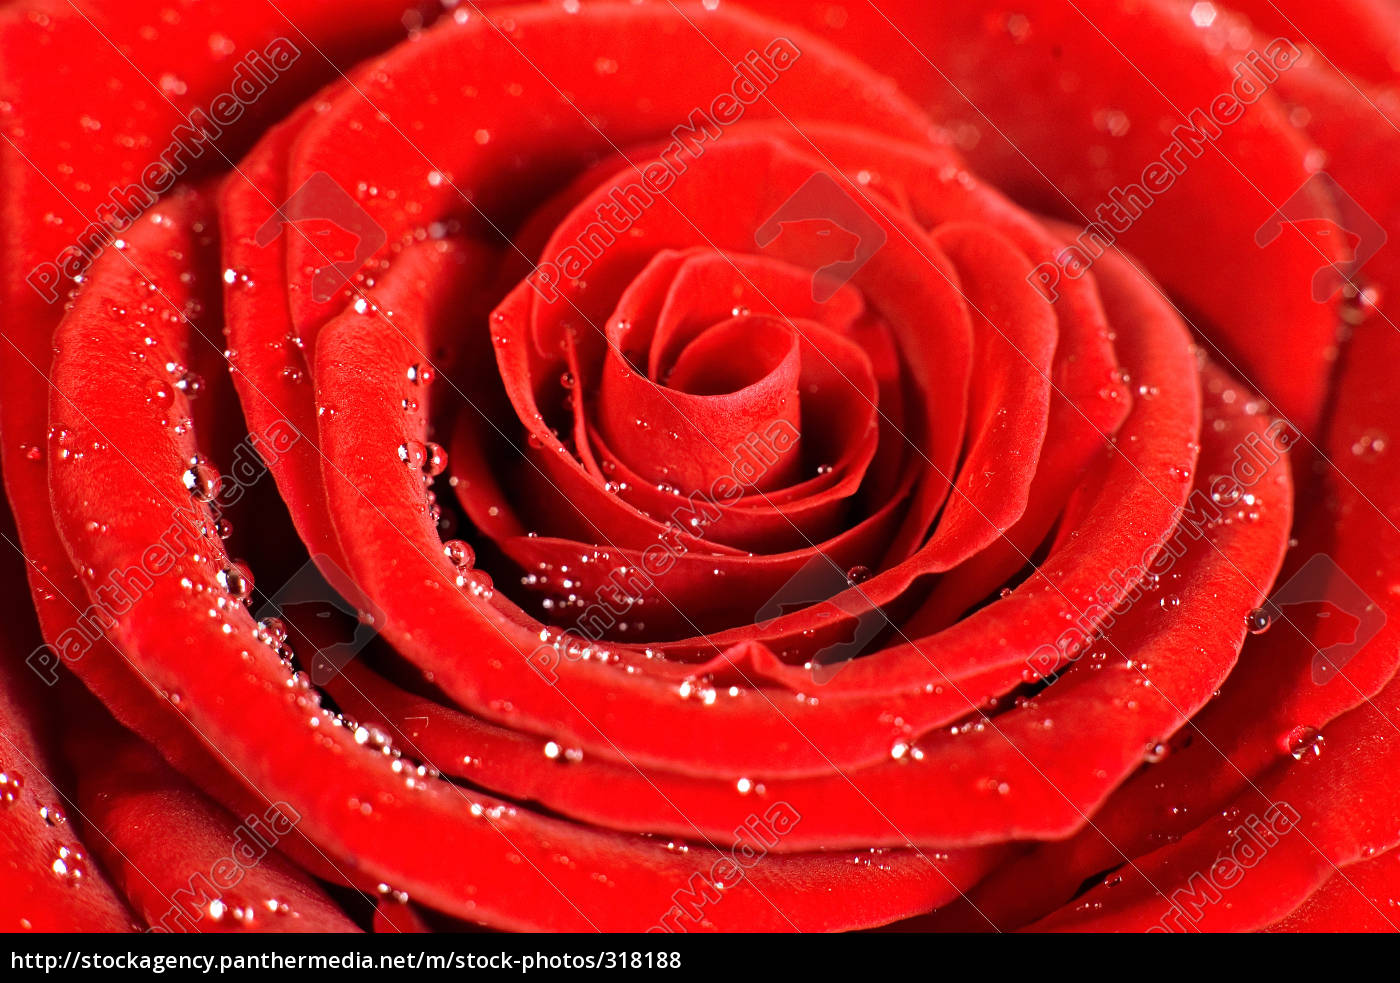 rose1 - 318188